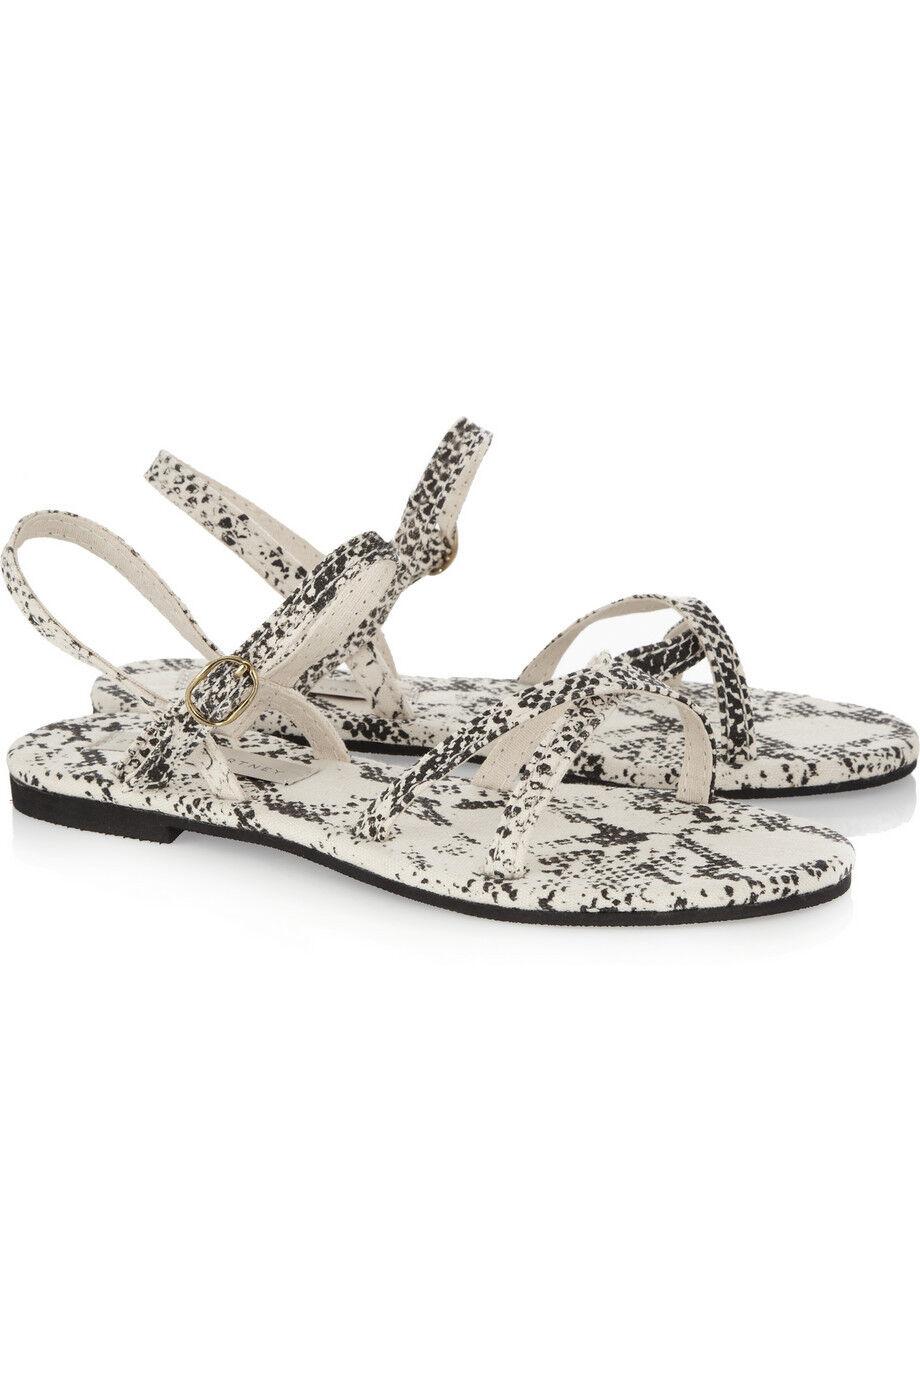 di moda STELLA Mccartney Colore Crema Nero Tela Tela Tela Rock piatto Sandalo 36  fino al 70% di sconto